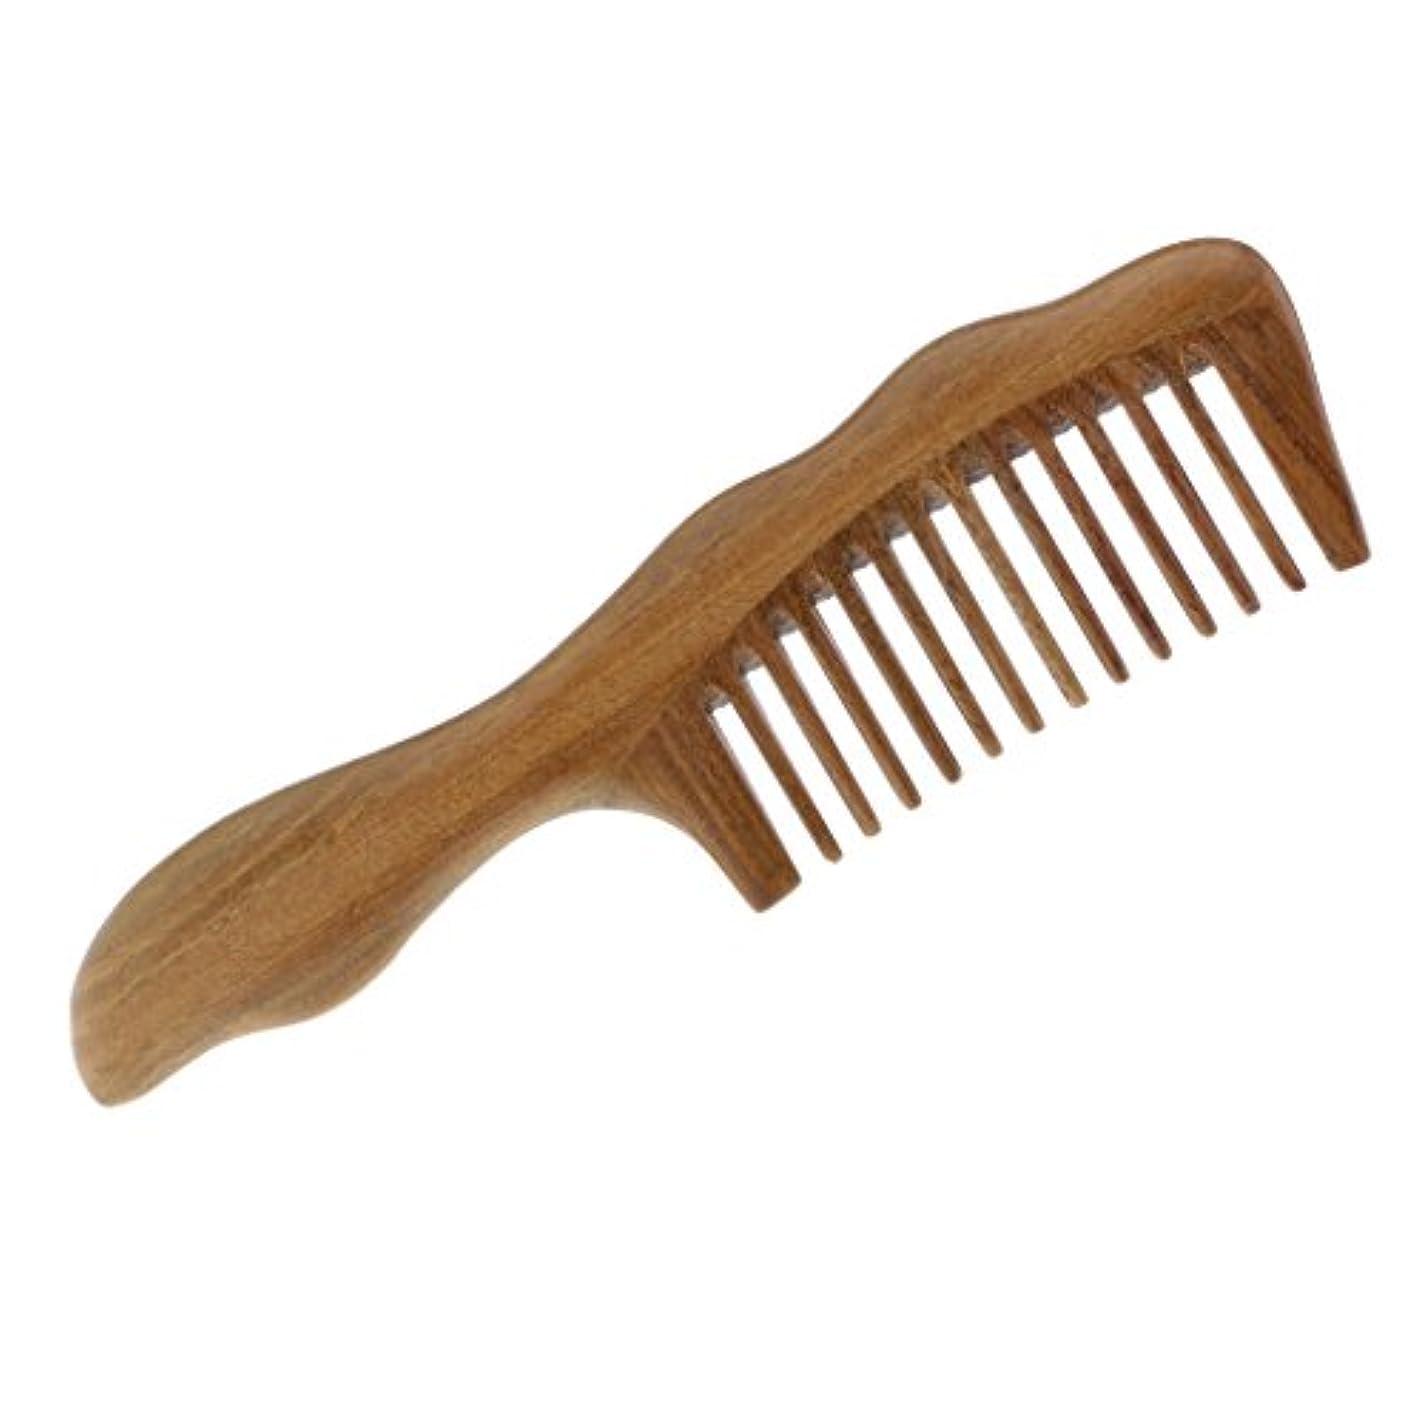 ポンドビバハブToygogo 広い歯の櫛の木製のもつれの櫛、木製の毛のブラシ/Sandalwoodの非静的な木の櫛